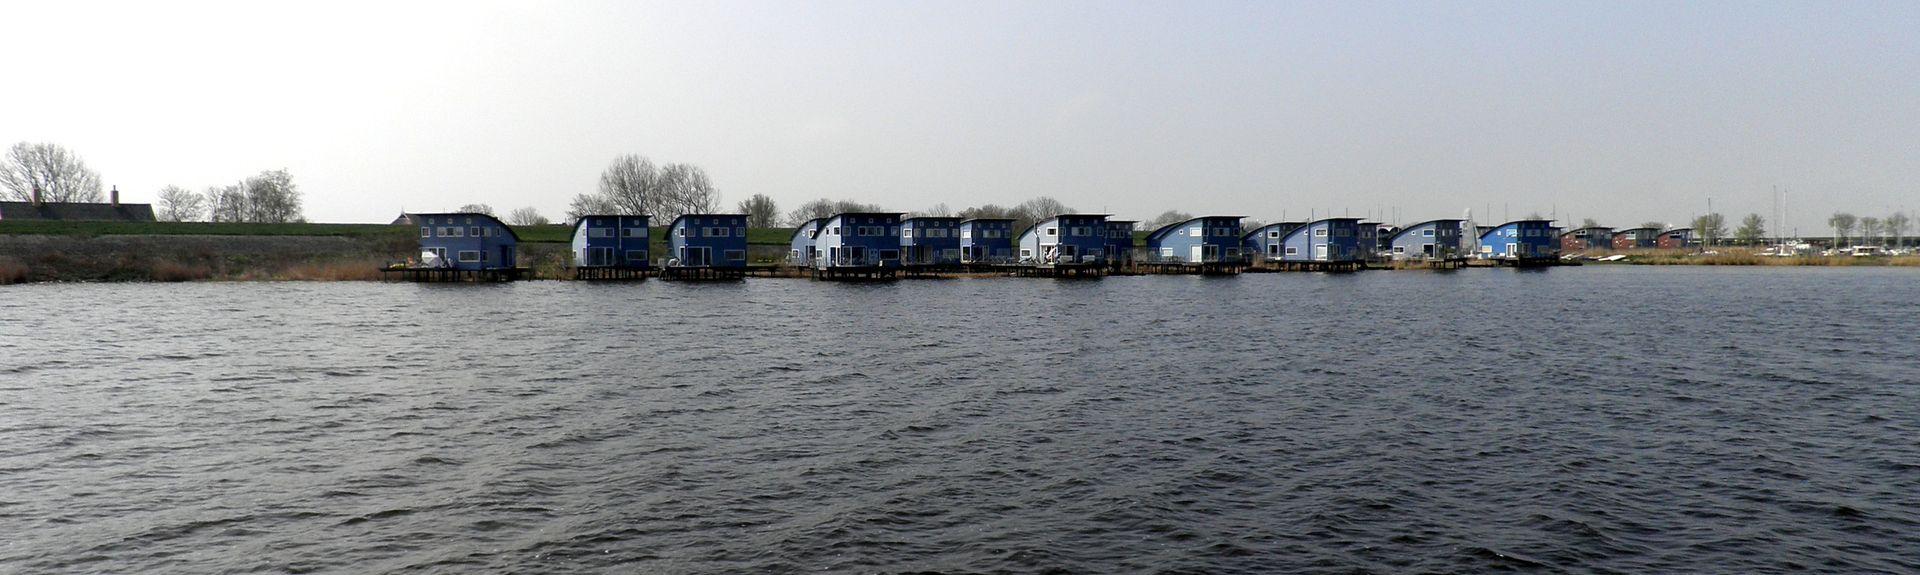 Kollumerpomp, Friesland, Netherlands